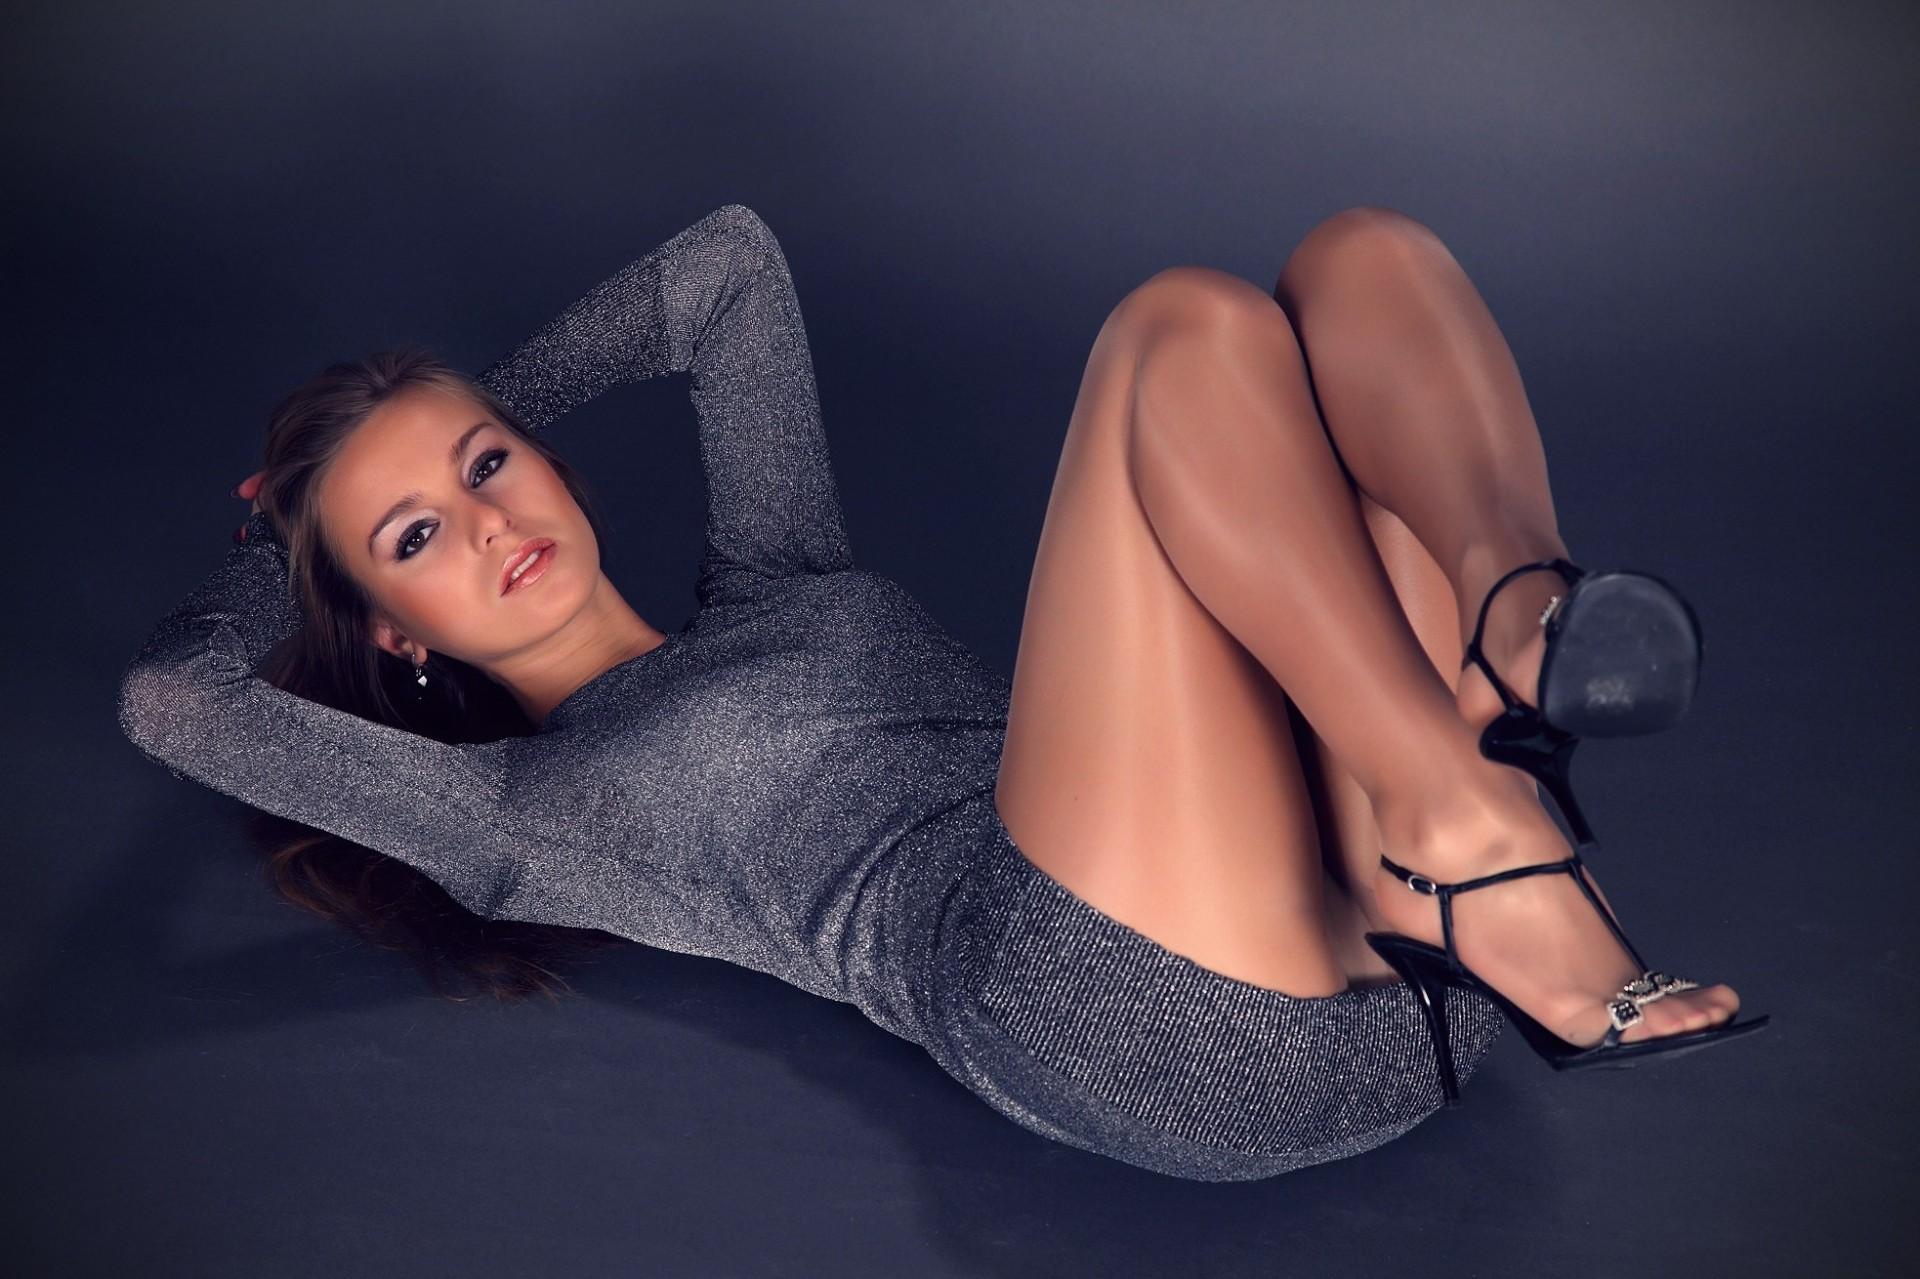 Смотреть фото красивые ножки женщин 30 фотография